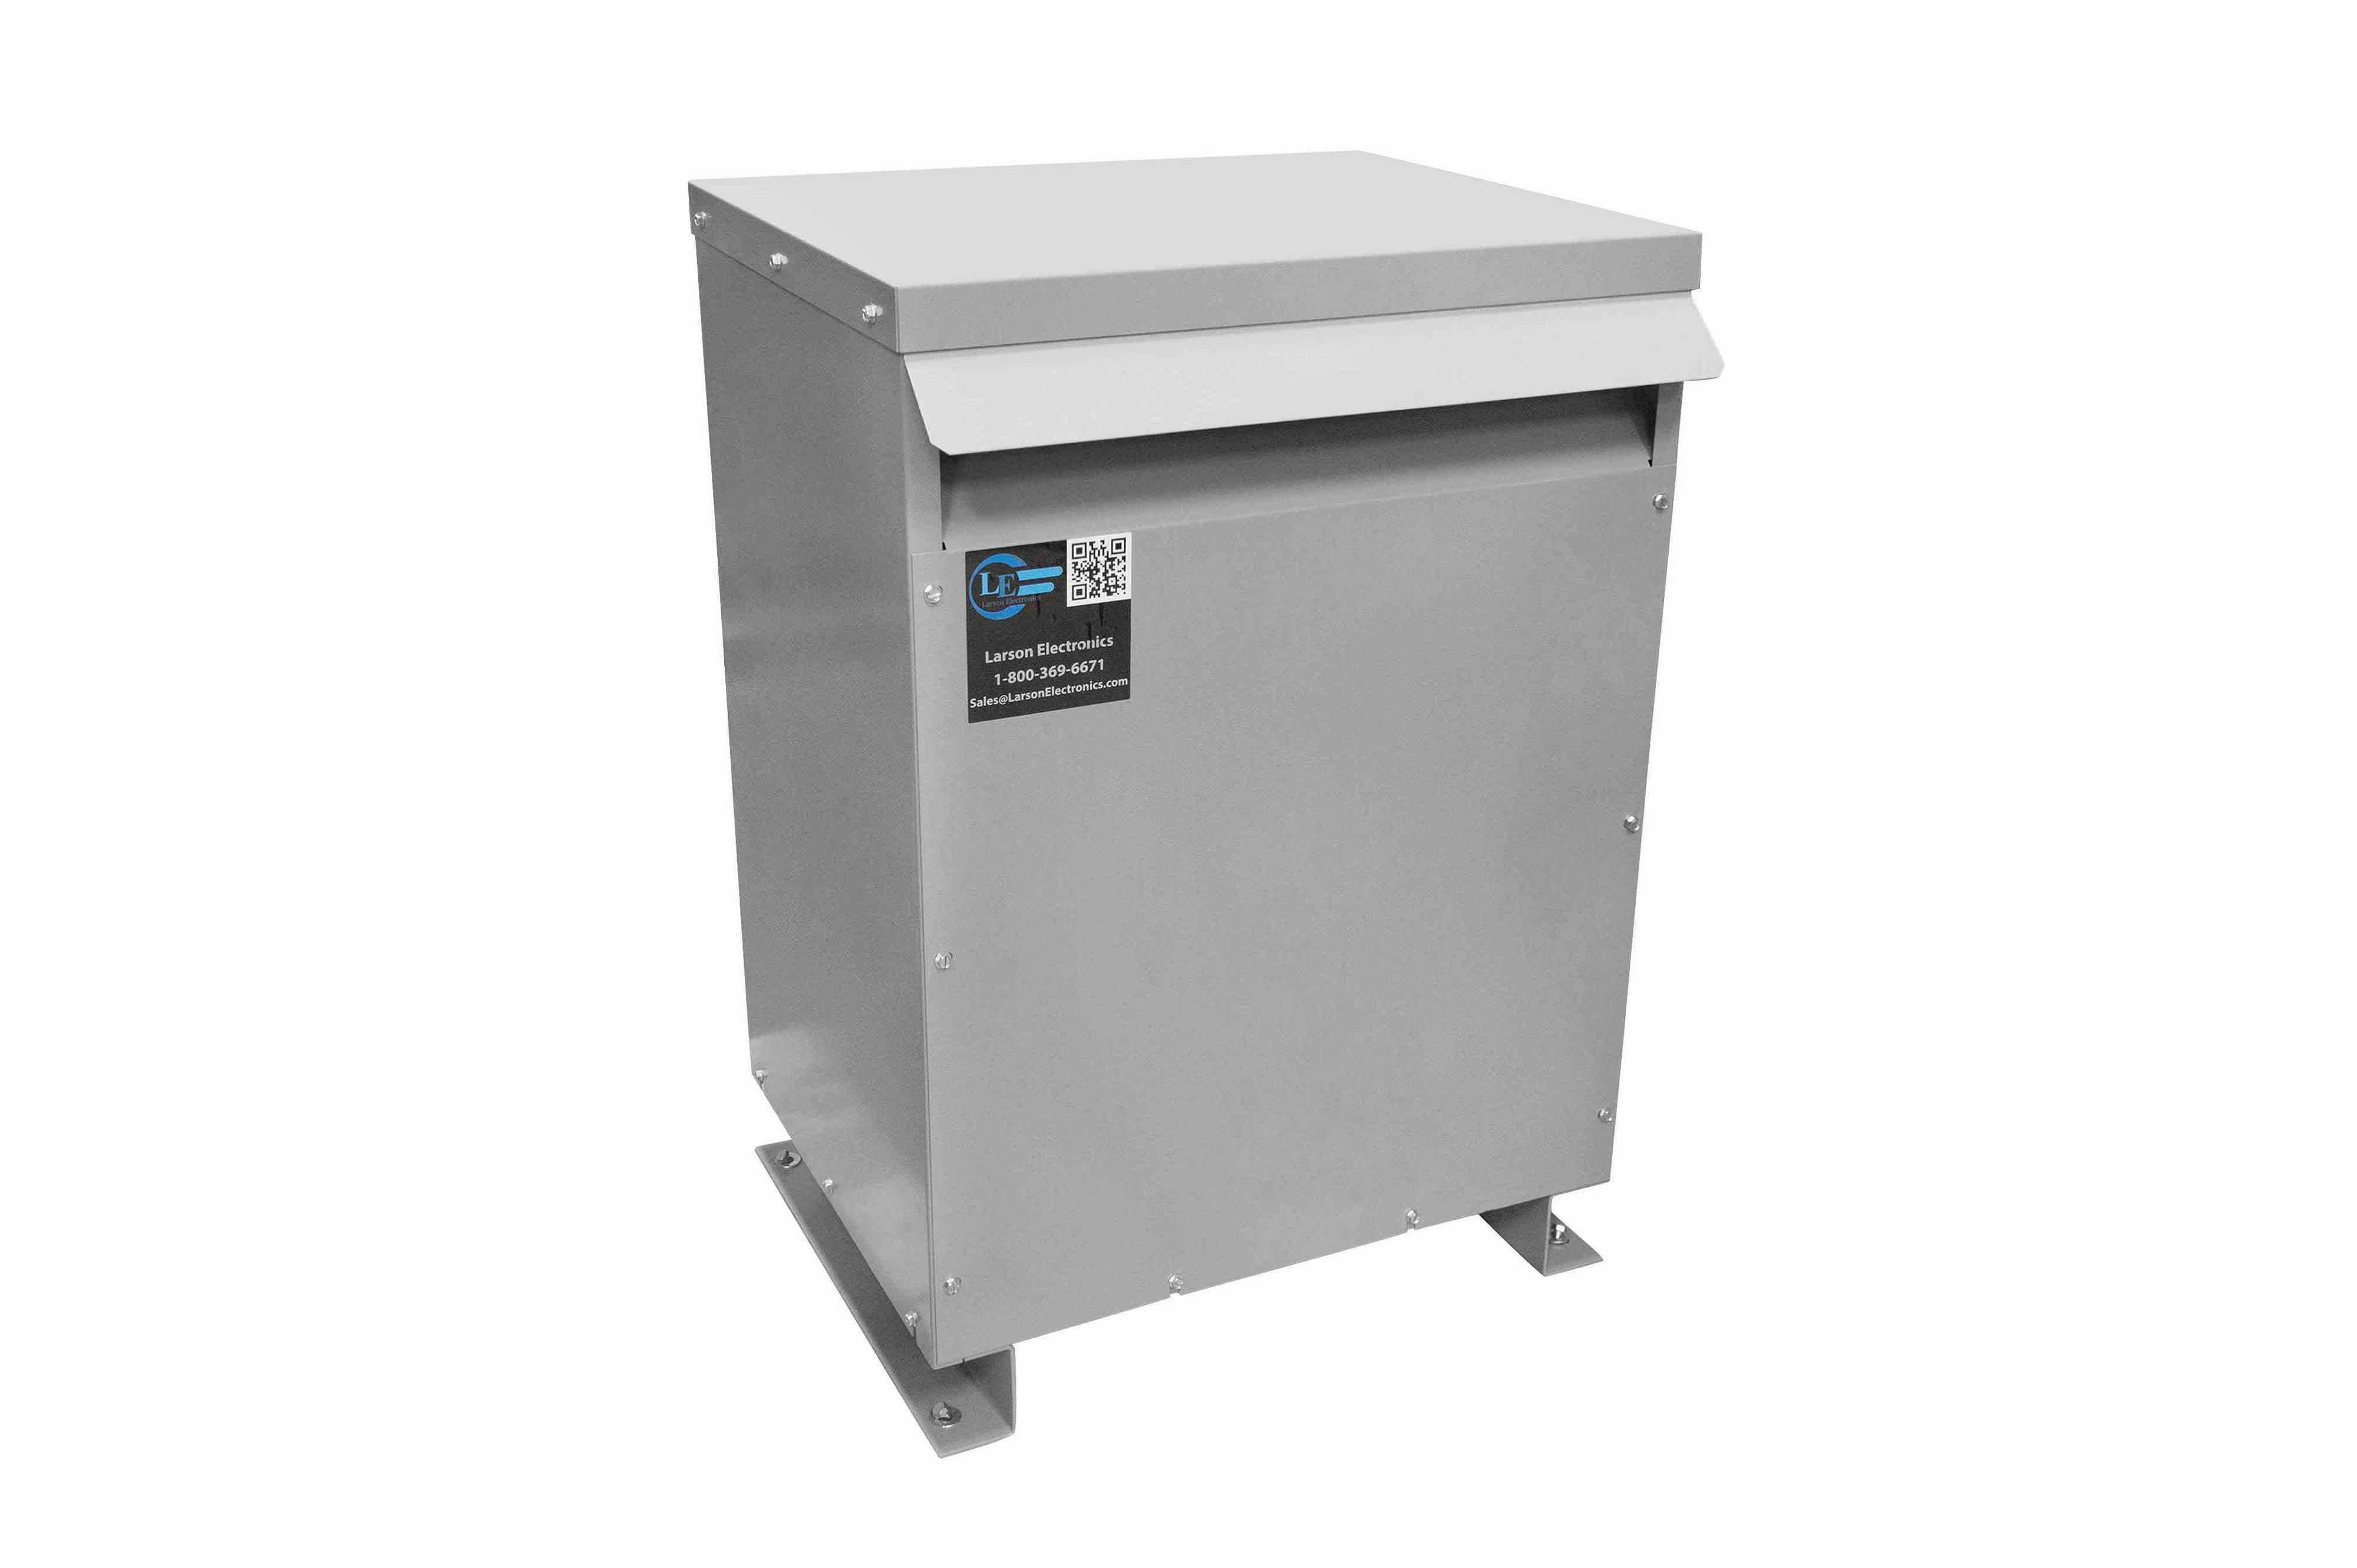 27 kVA 3PH Isolation Transformer, 600V Delta Primary, 480V Delta Secondary, N3R, Ventilated, 60 Hz